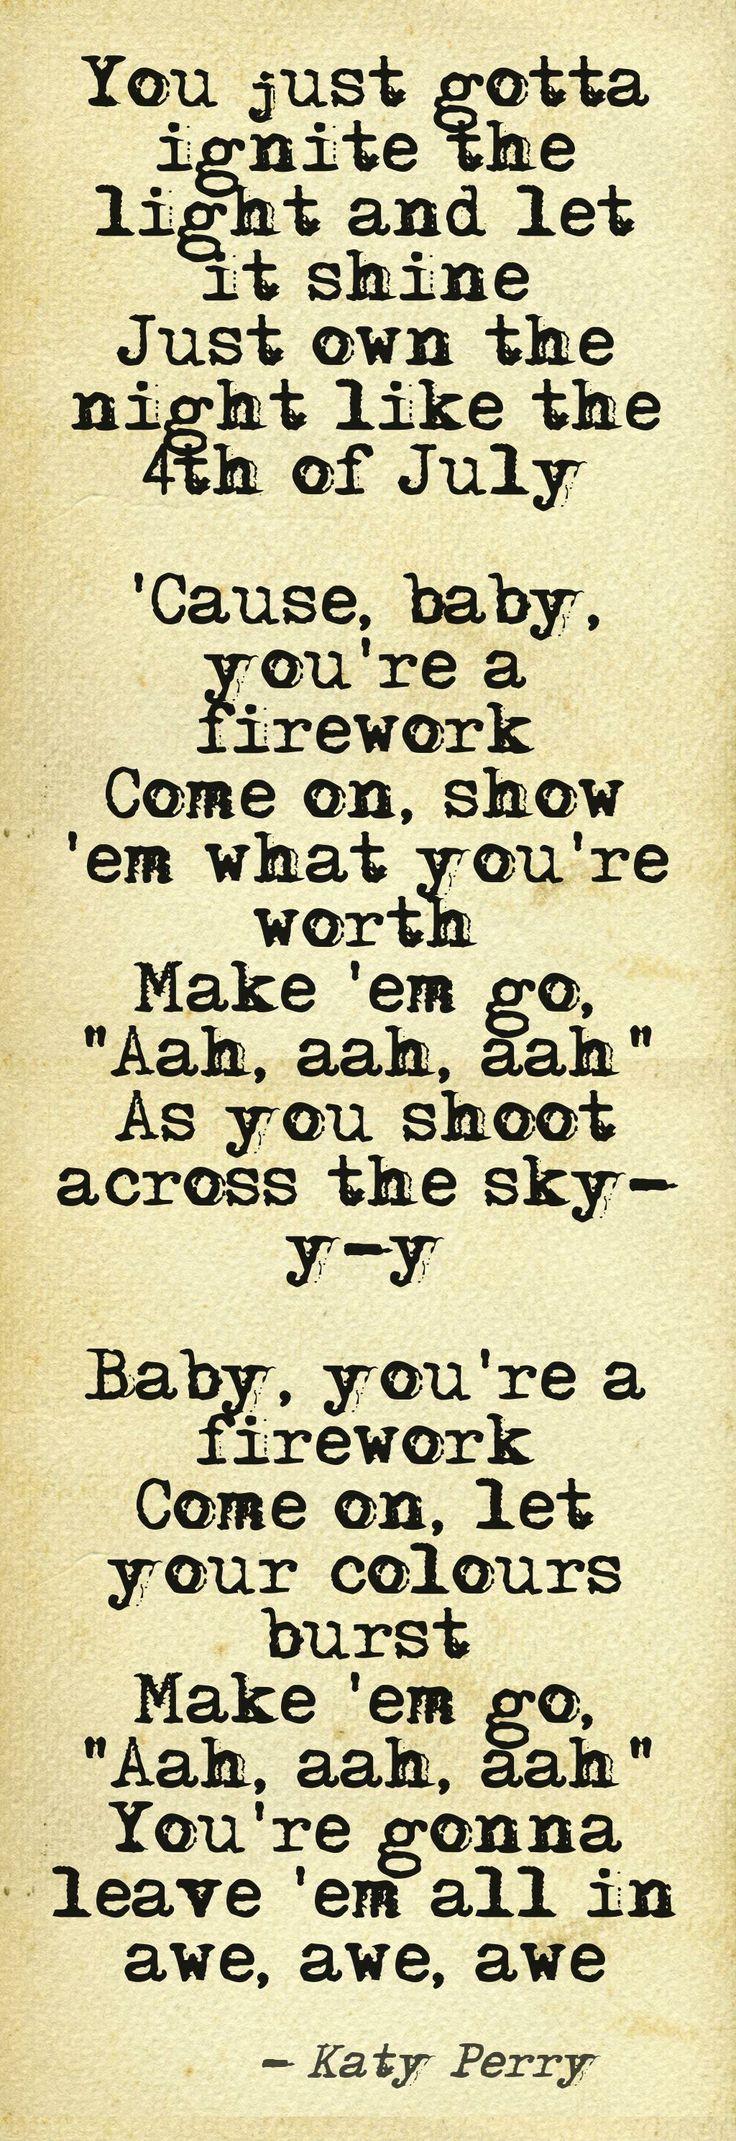 Plastic bag katy perry lyrics - Katy Perry Firework